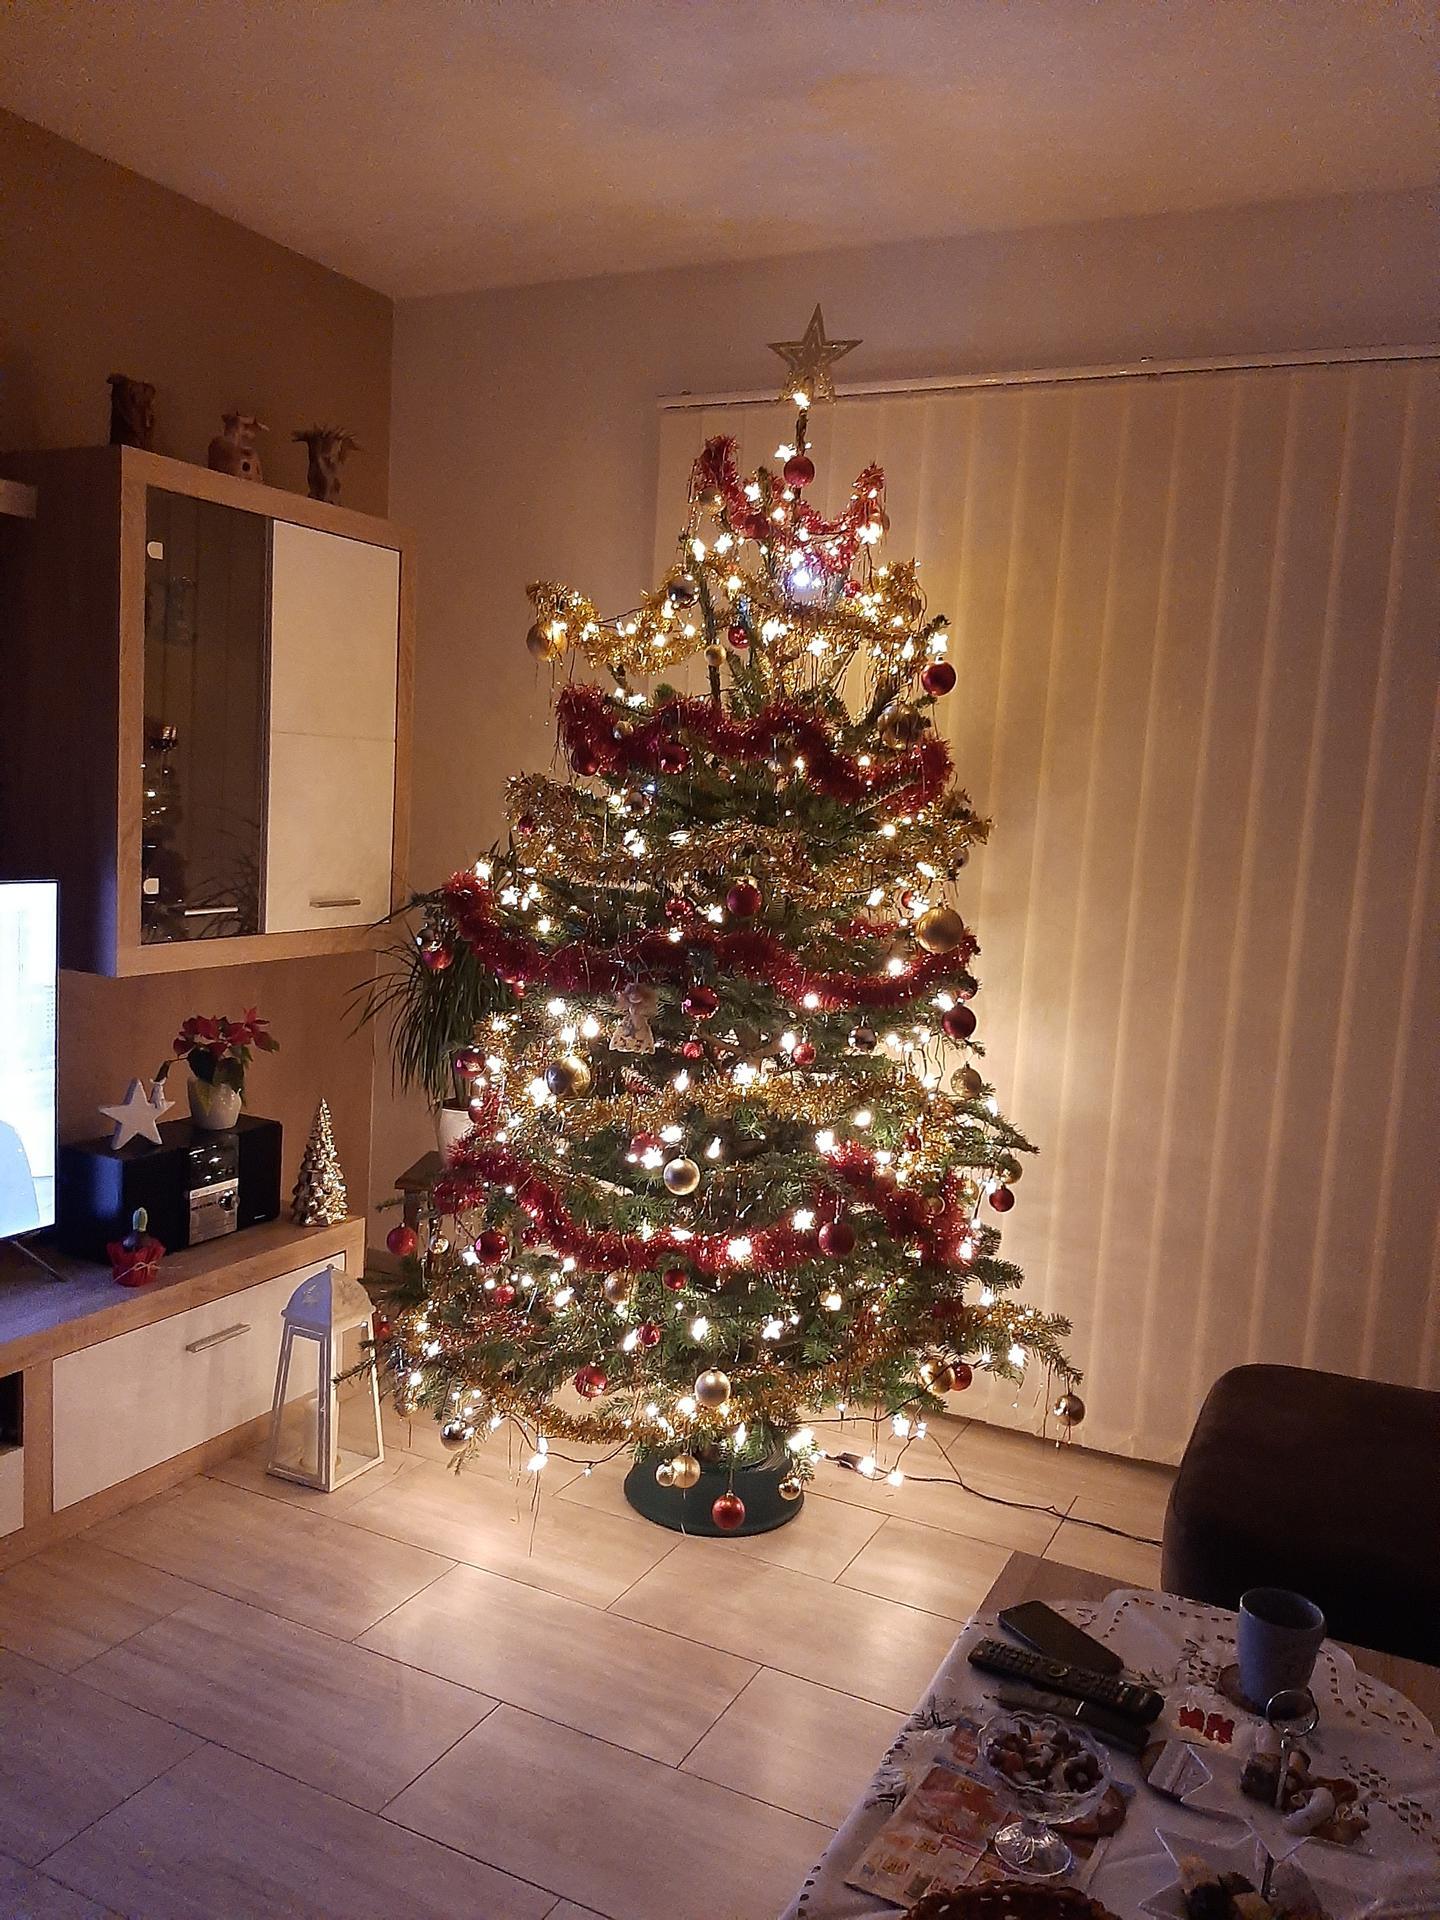 Vánoční čas je už i u nás-stromeček je na svym místě,tak už může přijít ježíšek🎄🎁😉 - Obrázek č. 1